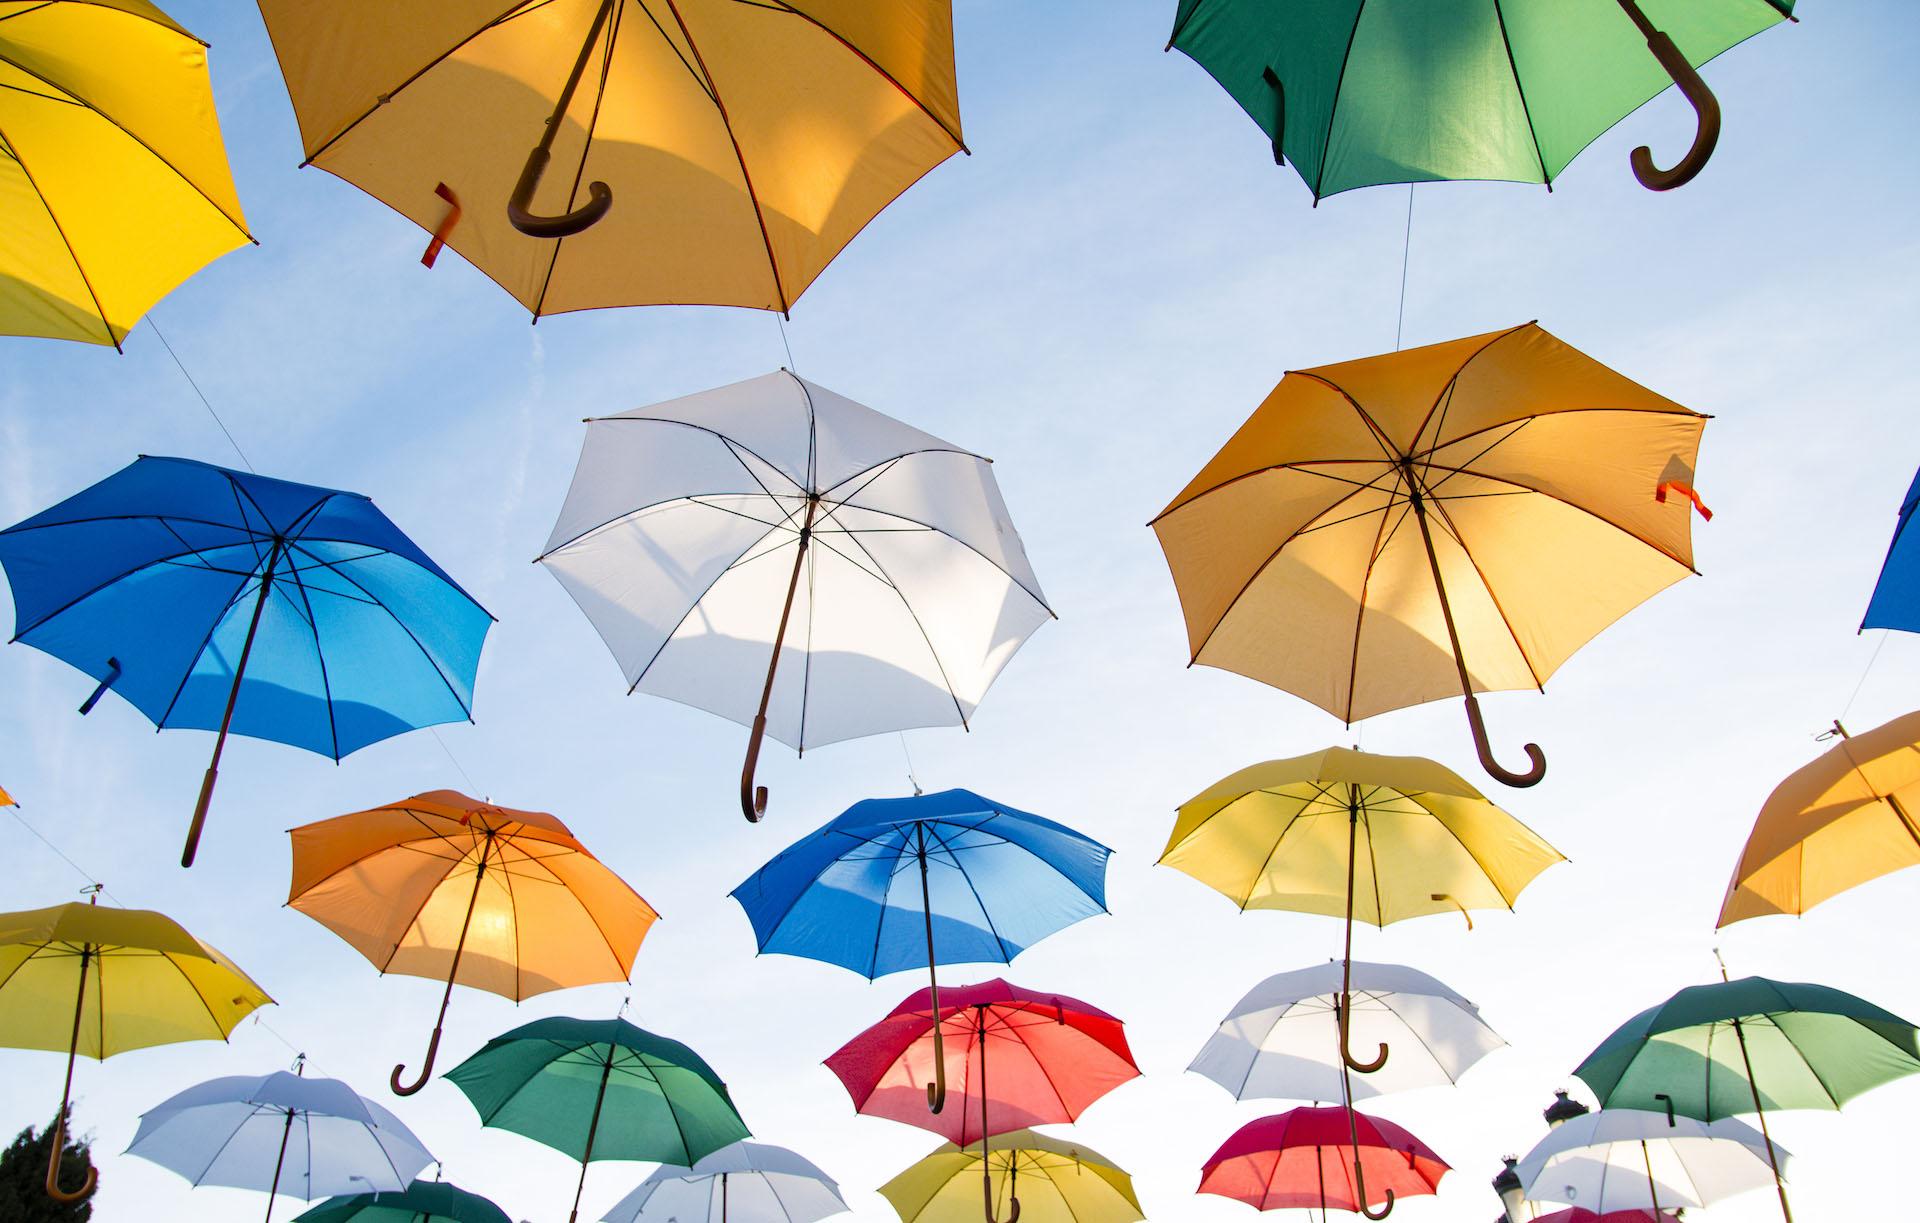 ombrello, colori, Cielo, volare, arte - Sfondi HD - Professor-falken.com